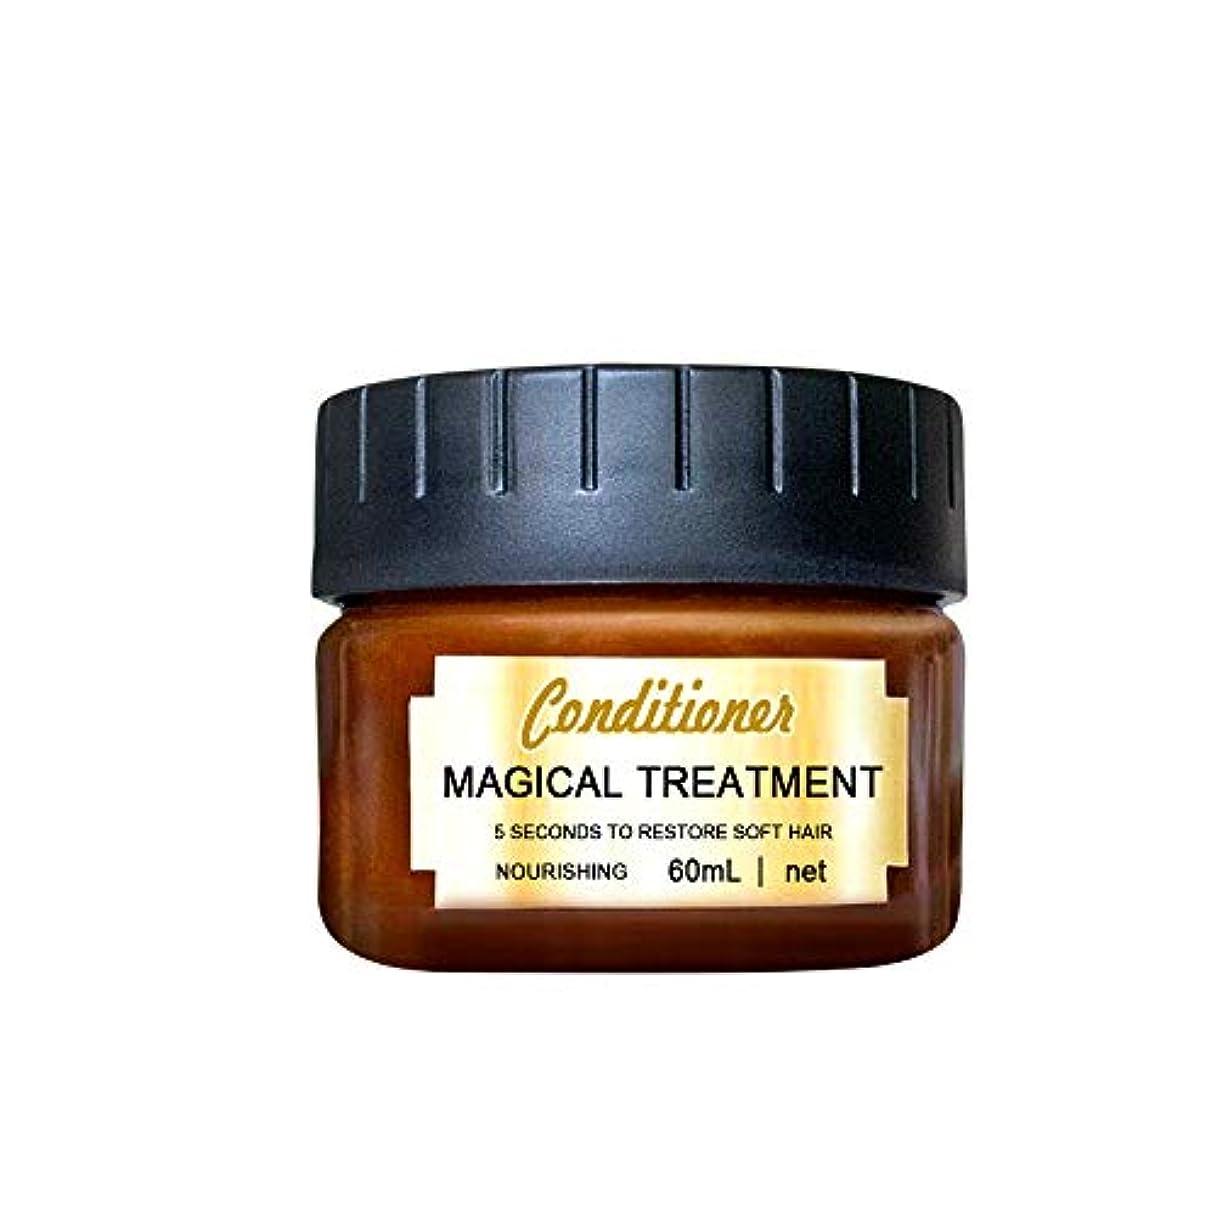 ペチコート染色検閲DOUJI植物成分 ヘアケア リッチリペア コンディショナー60mlダメージのある髪へ 弾力性回復 高度な分子毛根治療回復 髪の栄養素を補給トリートメント